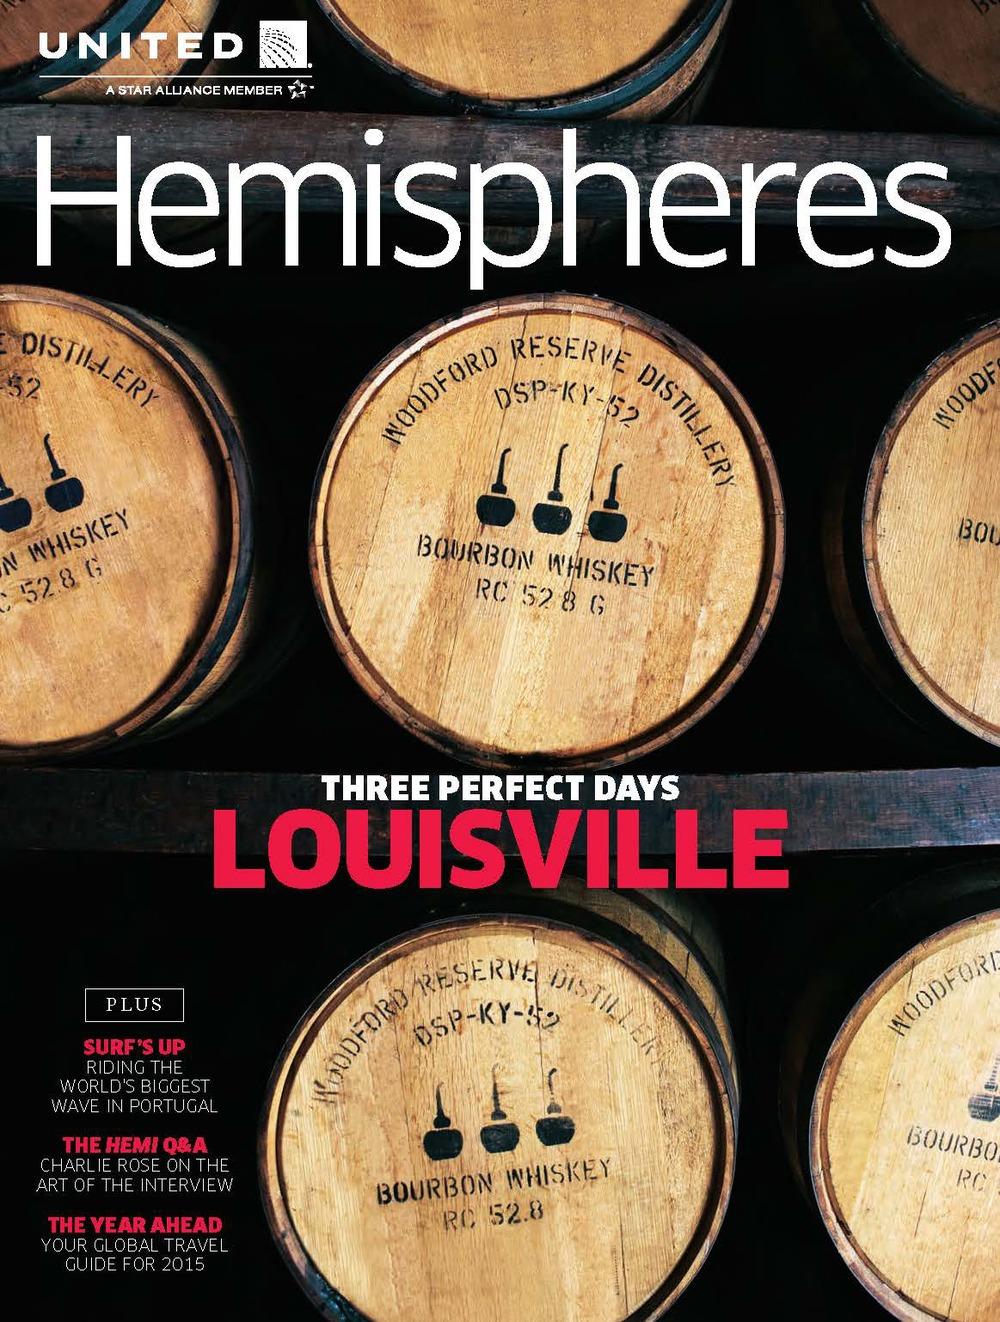 UNITED AIRLINES HEMISPHERES  MAGAZINE    Media Kit